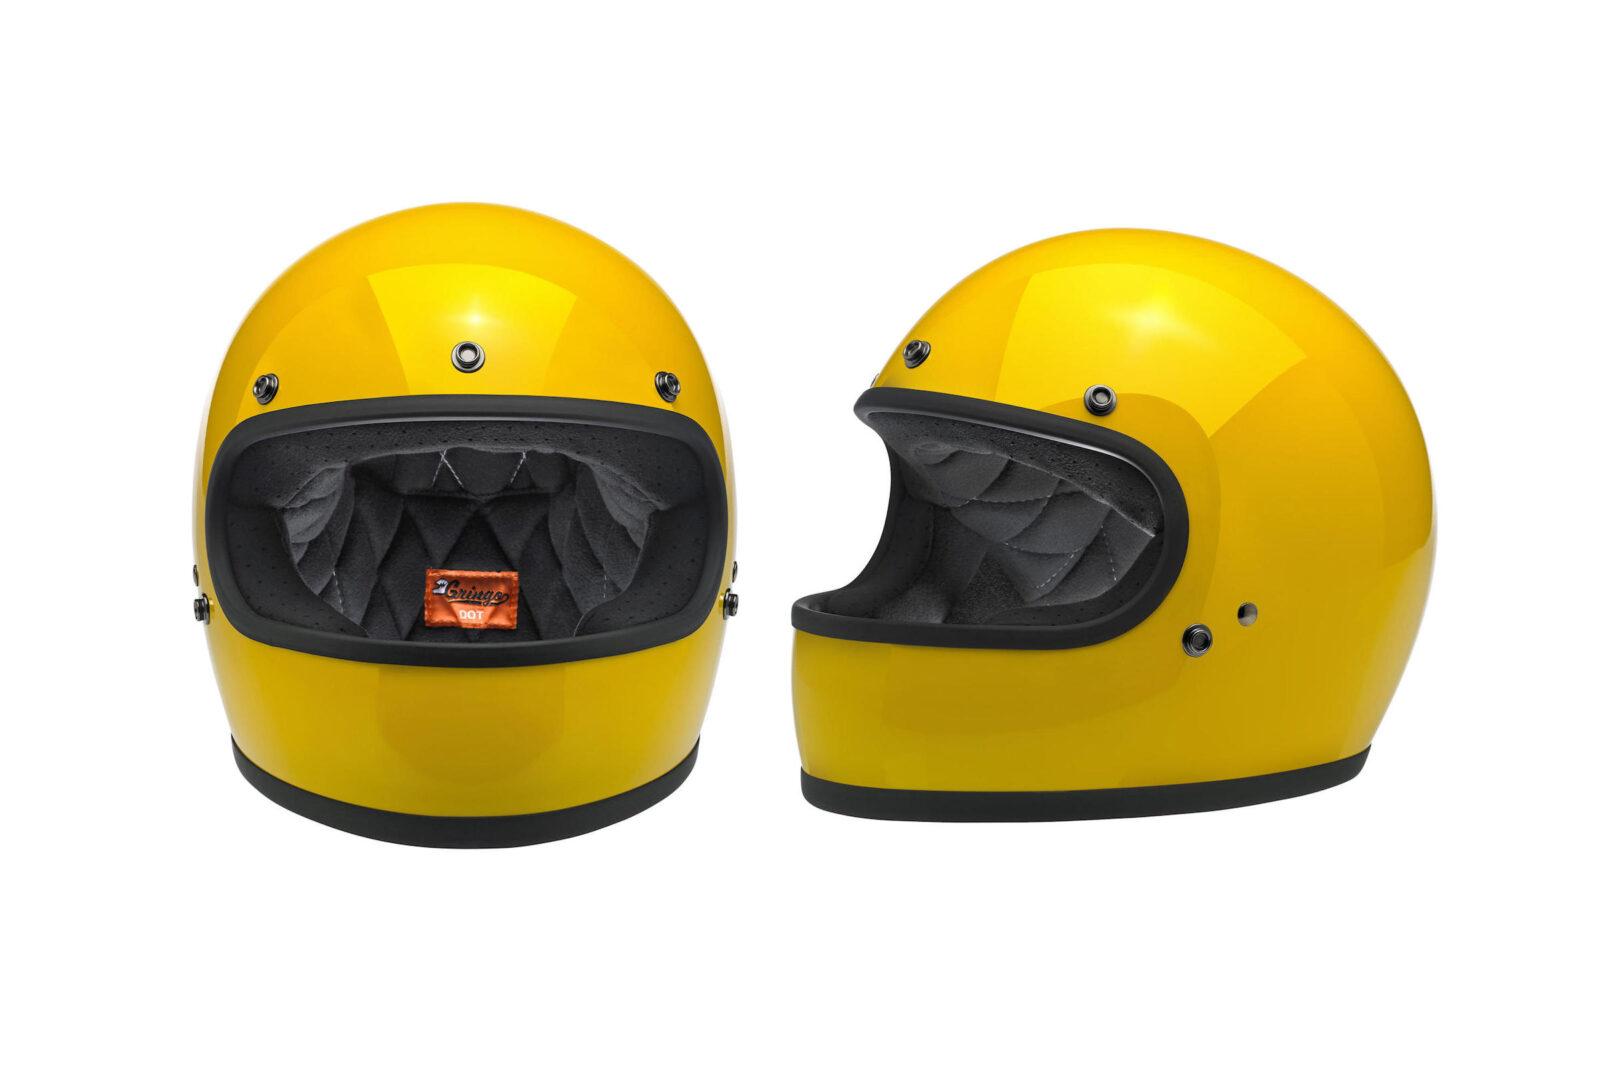 Biltwell Gringo Helmet 1600x1067 - Biltwell Gringo Safe-T Yellow Helmet